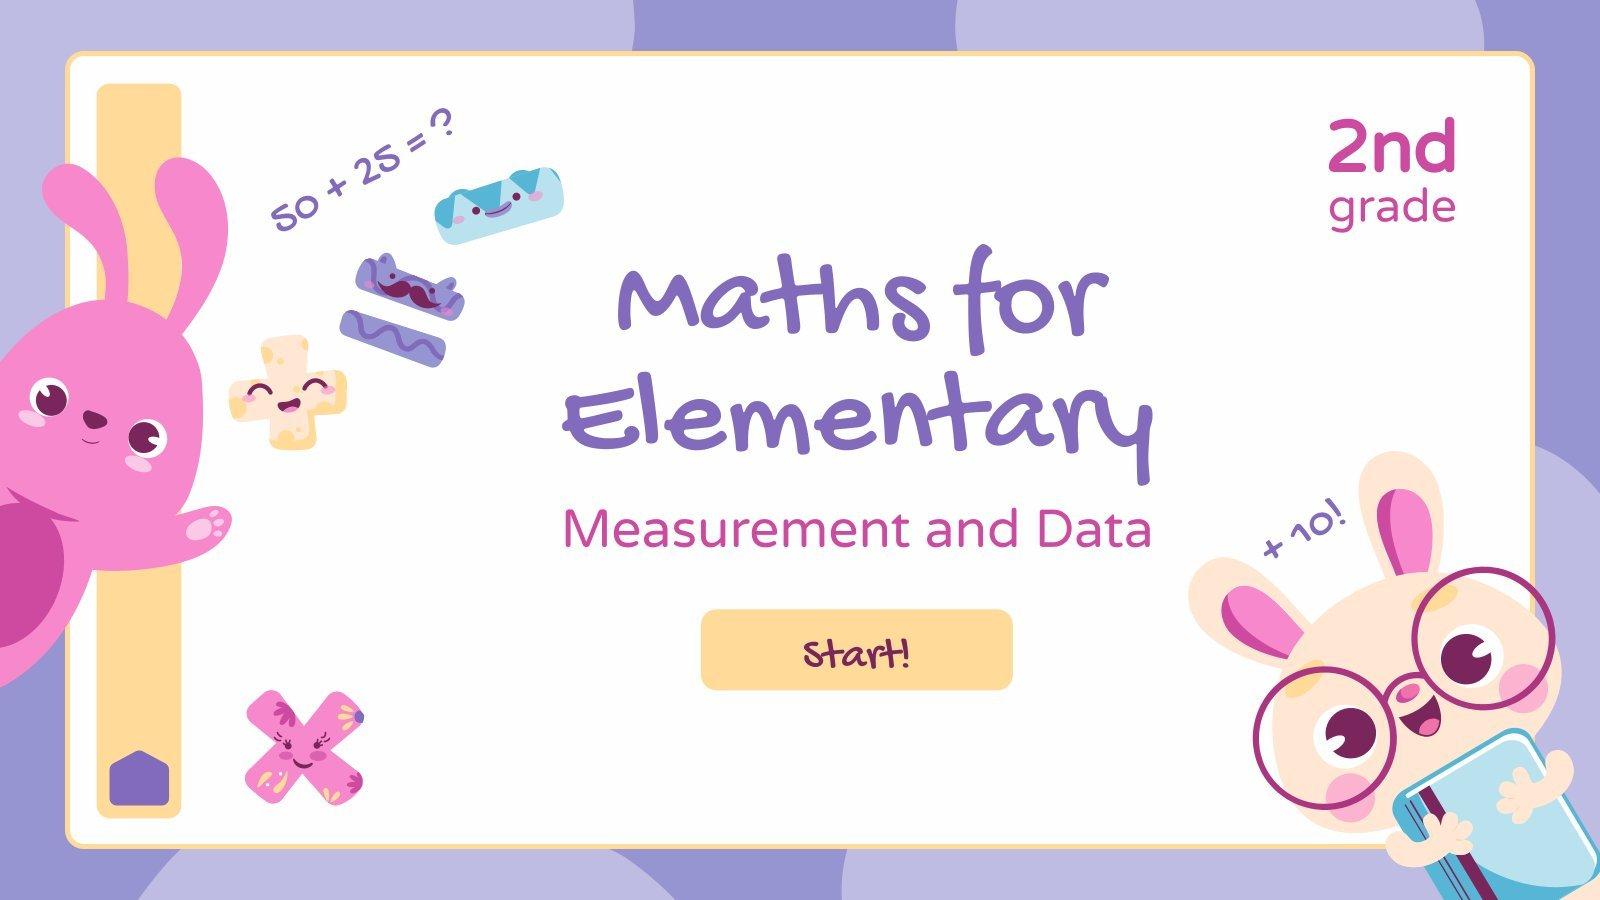 Plantilla de presentación Matemáticas para 2º de primaria - Medidas y datos